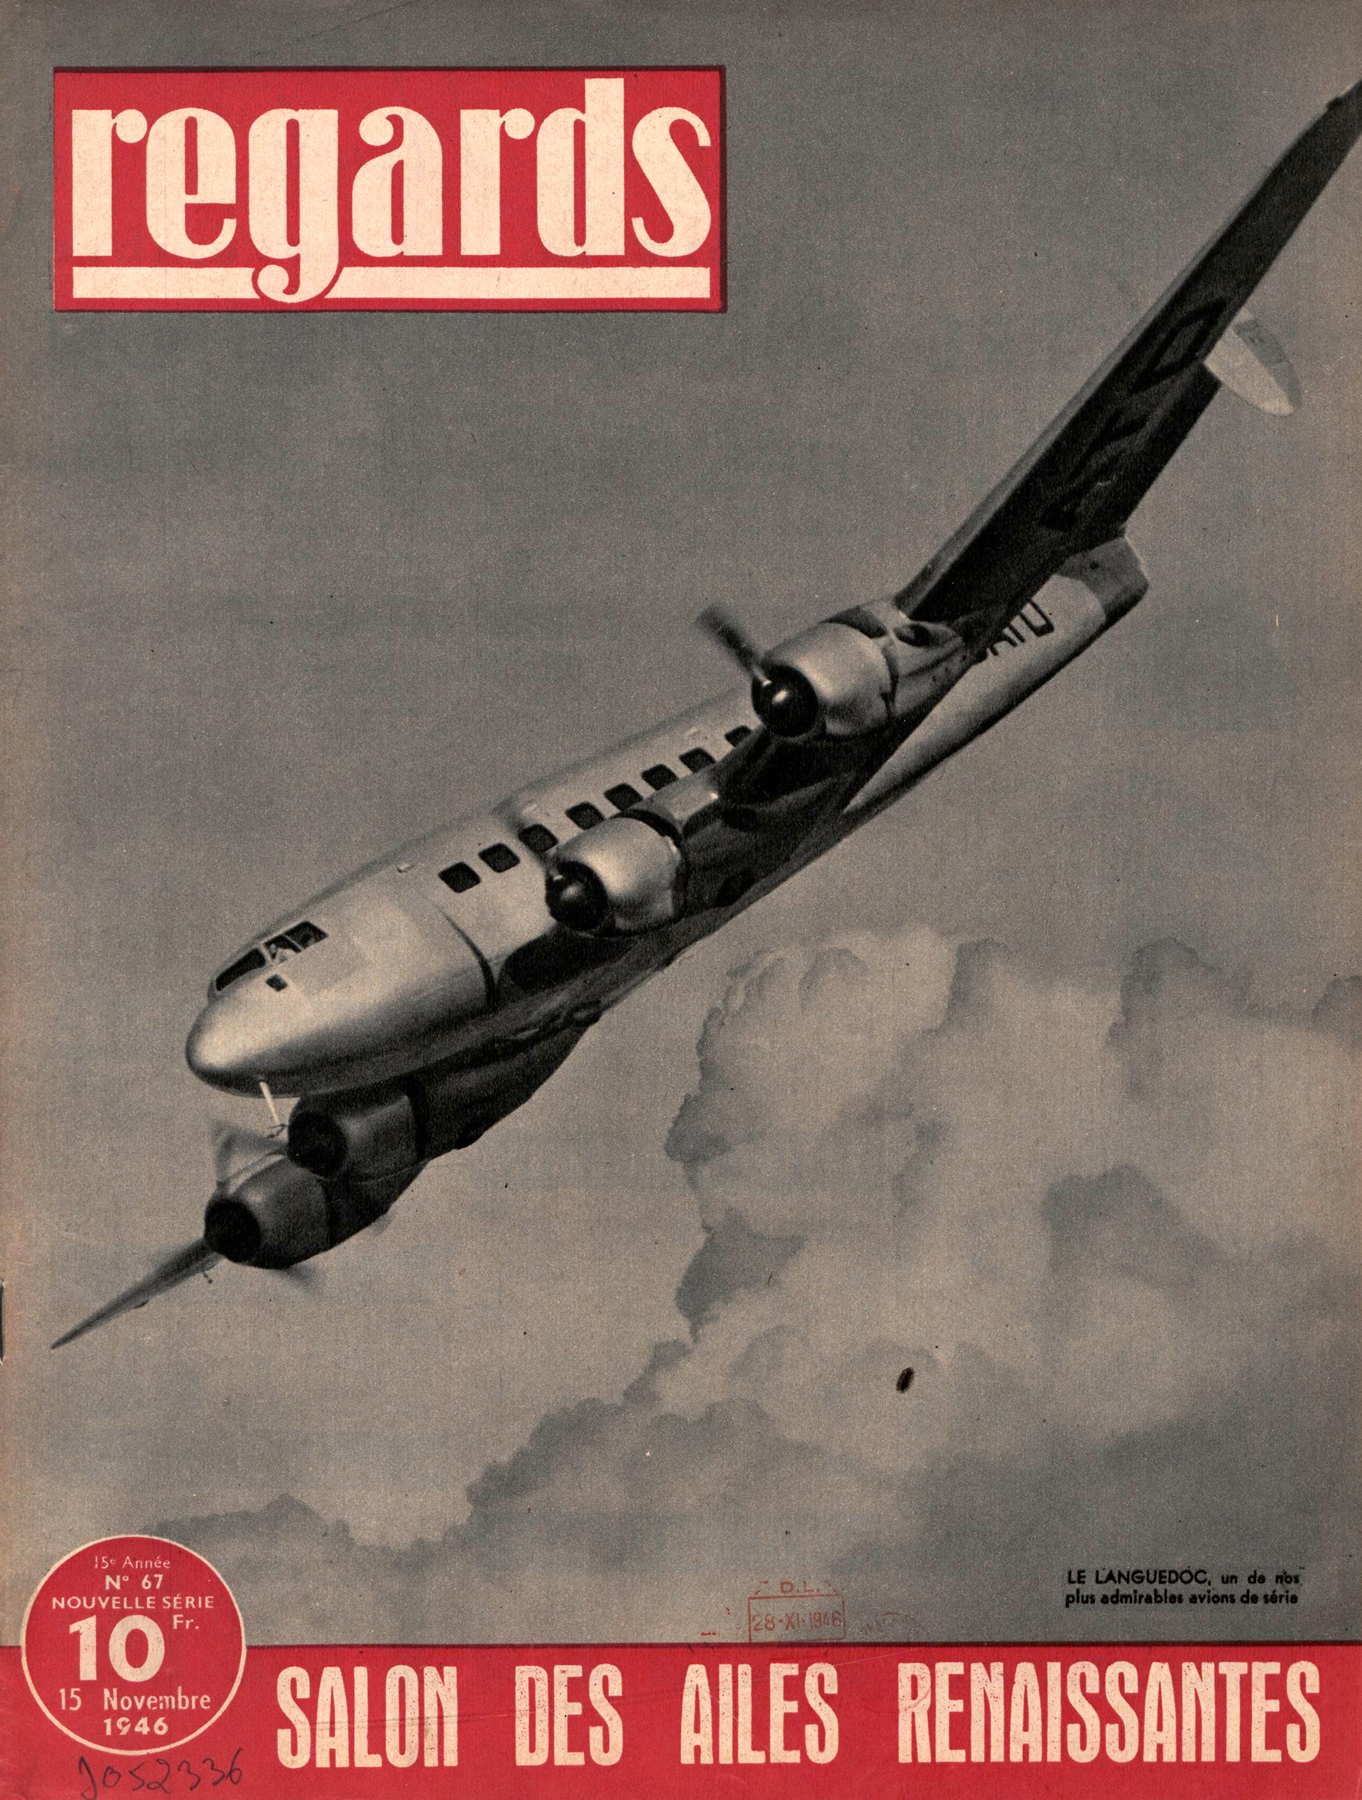 Regards-15-nov-1946